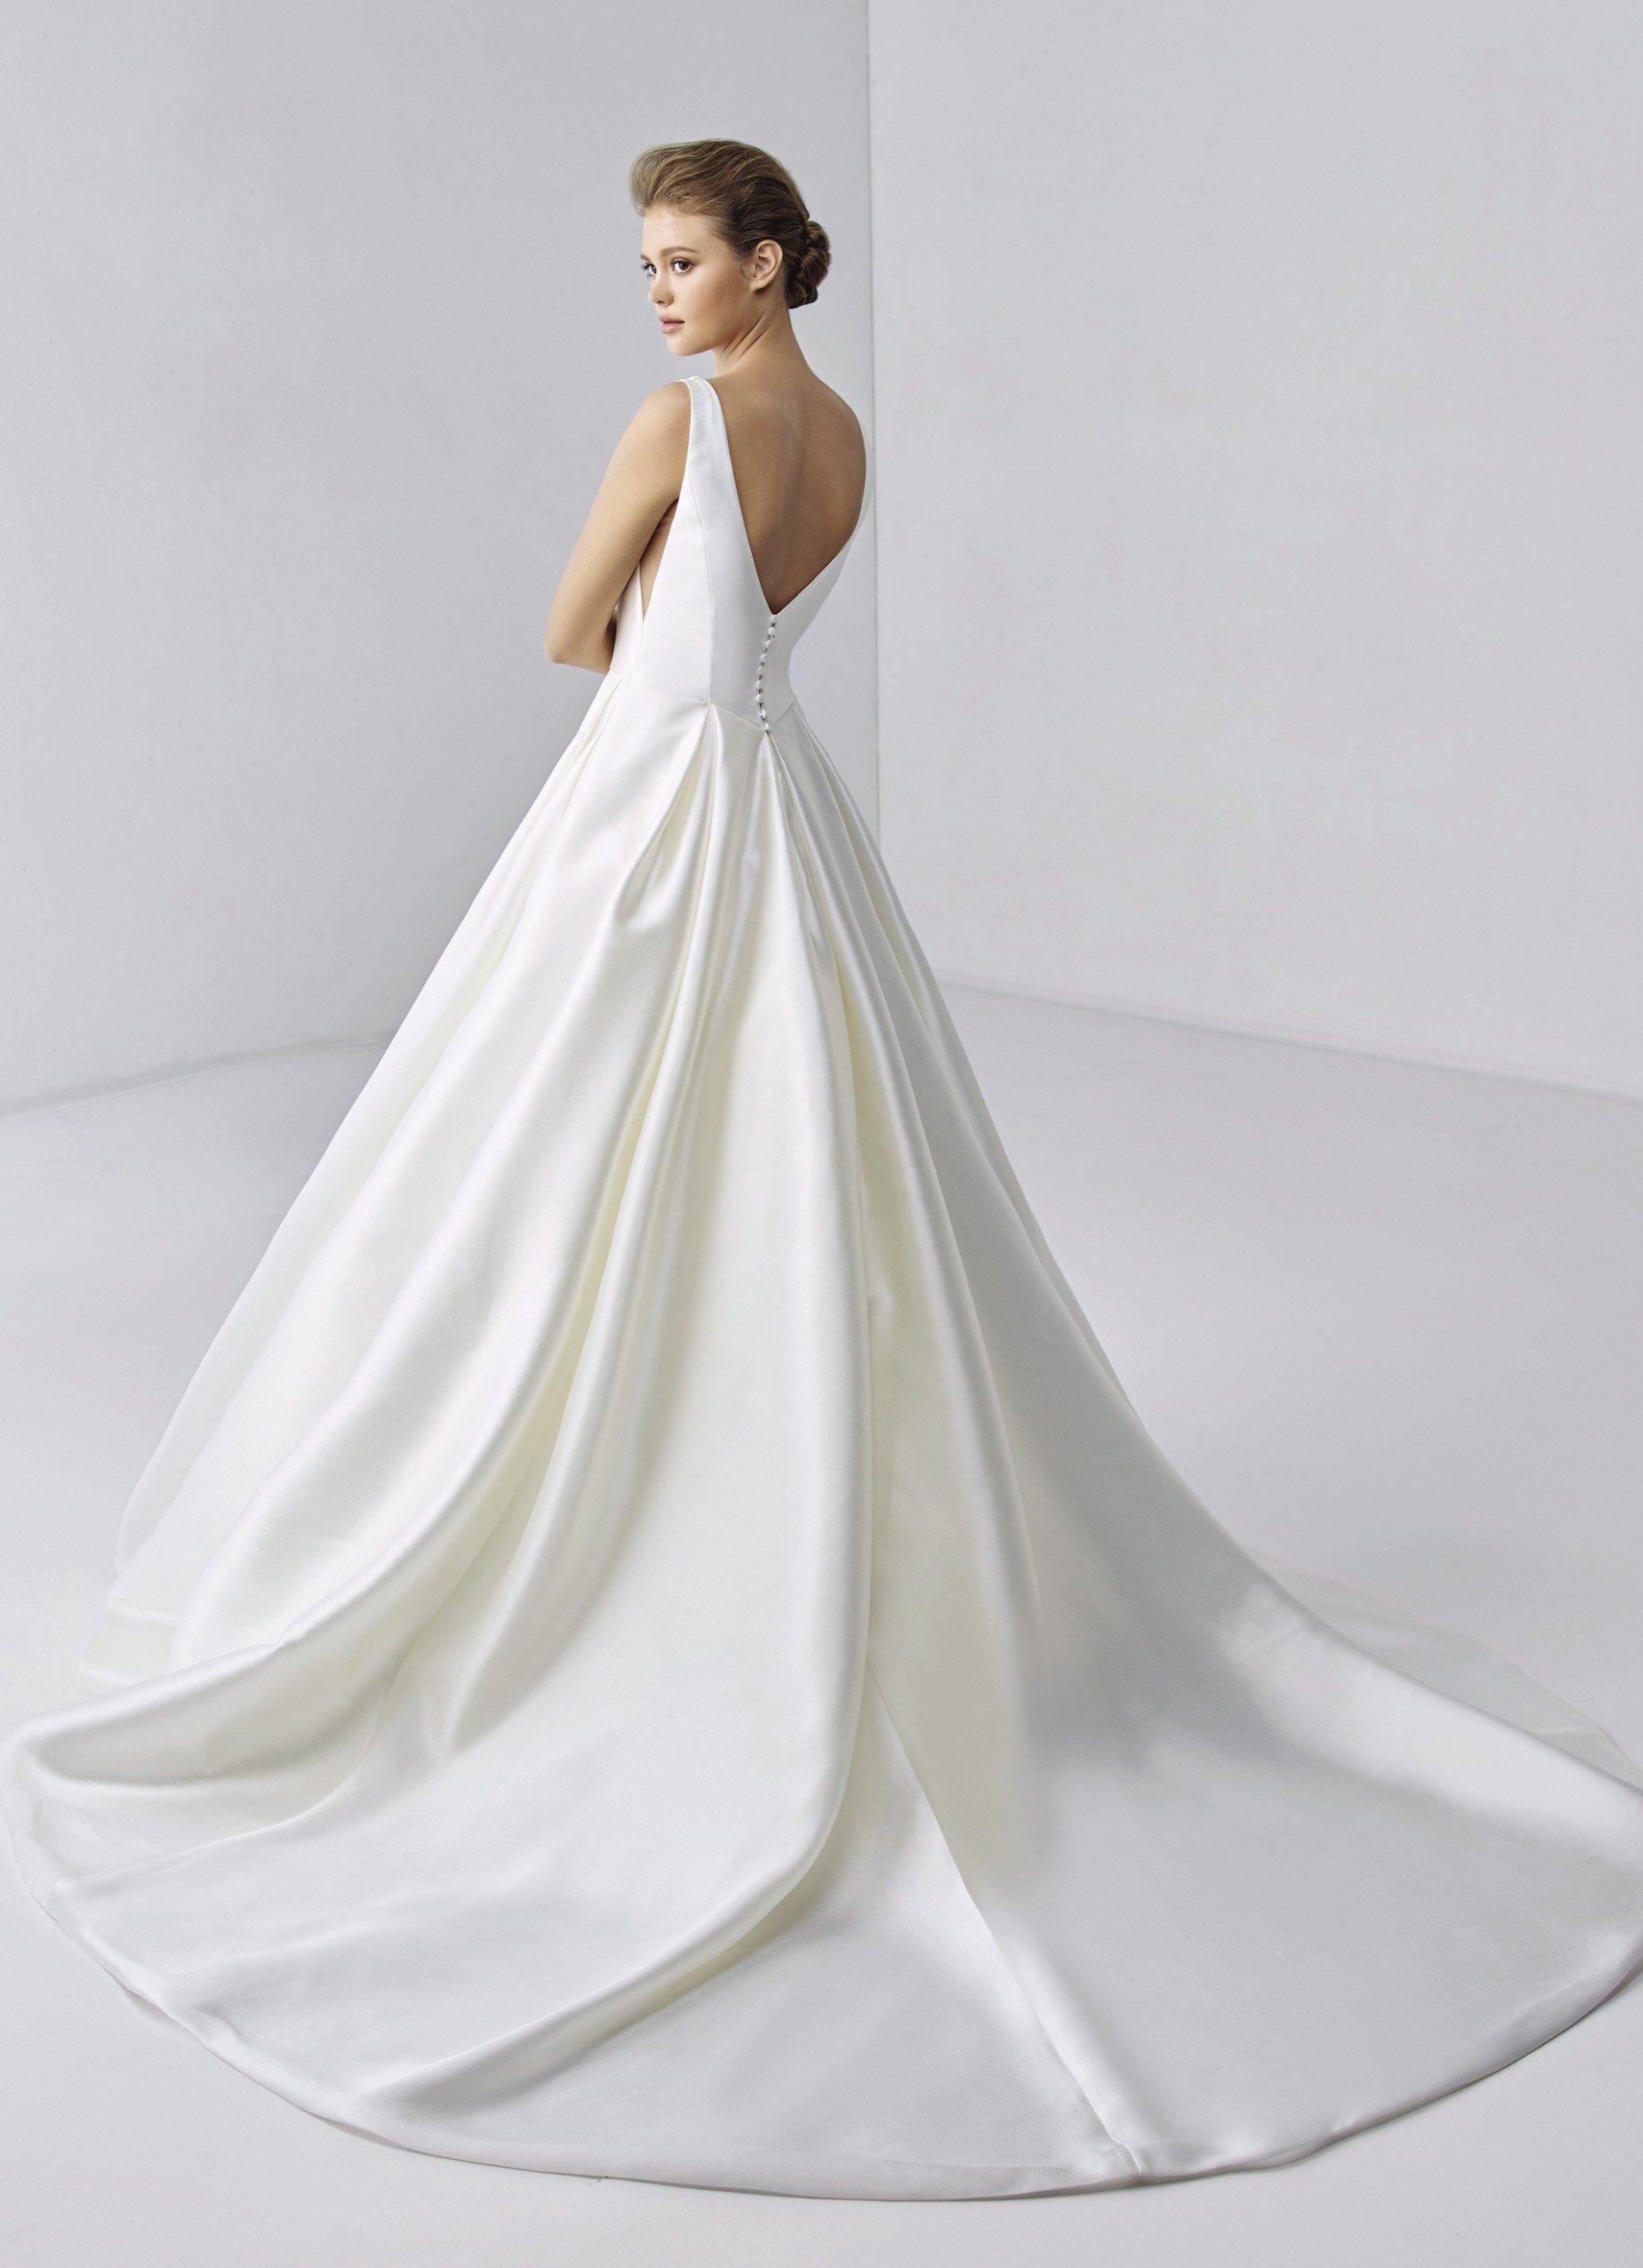 Prinzess-Hochzeitskleid im Clean Chic mit V-Ausschnitt vorne, hinten und seitlich von Etoile, Modell Eugenie